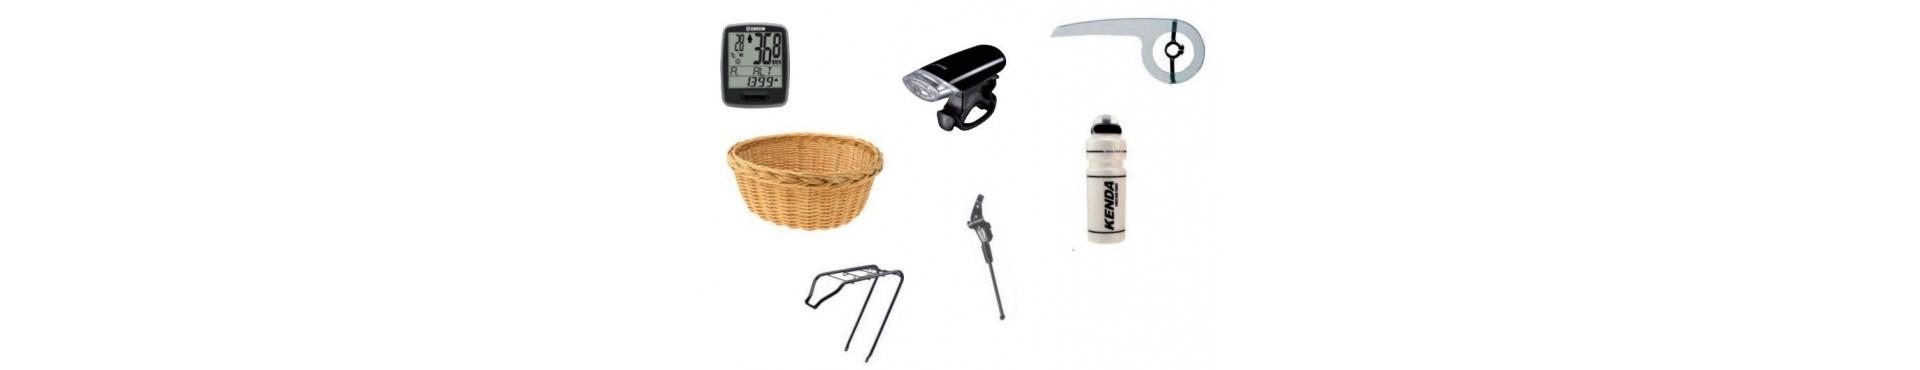 Accessori, fanali, ciclocomputer, borse, cestini, borracce e altro